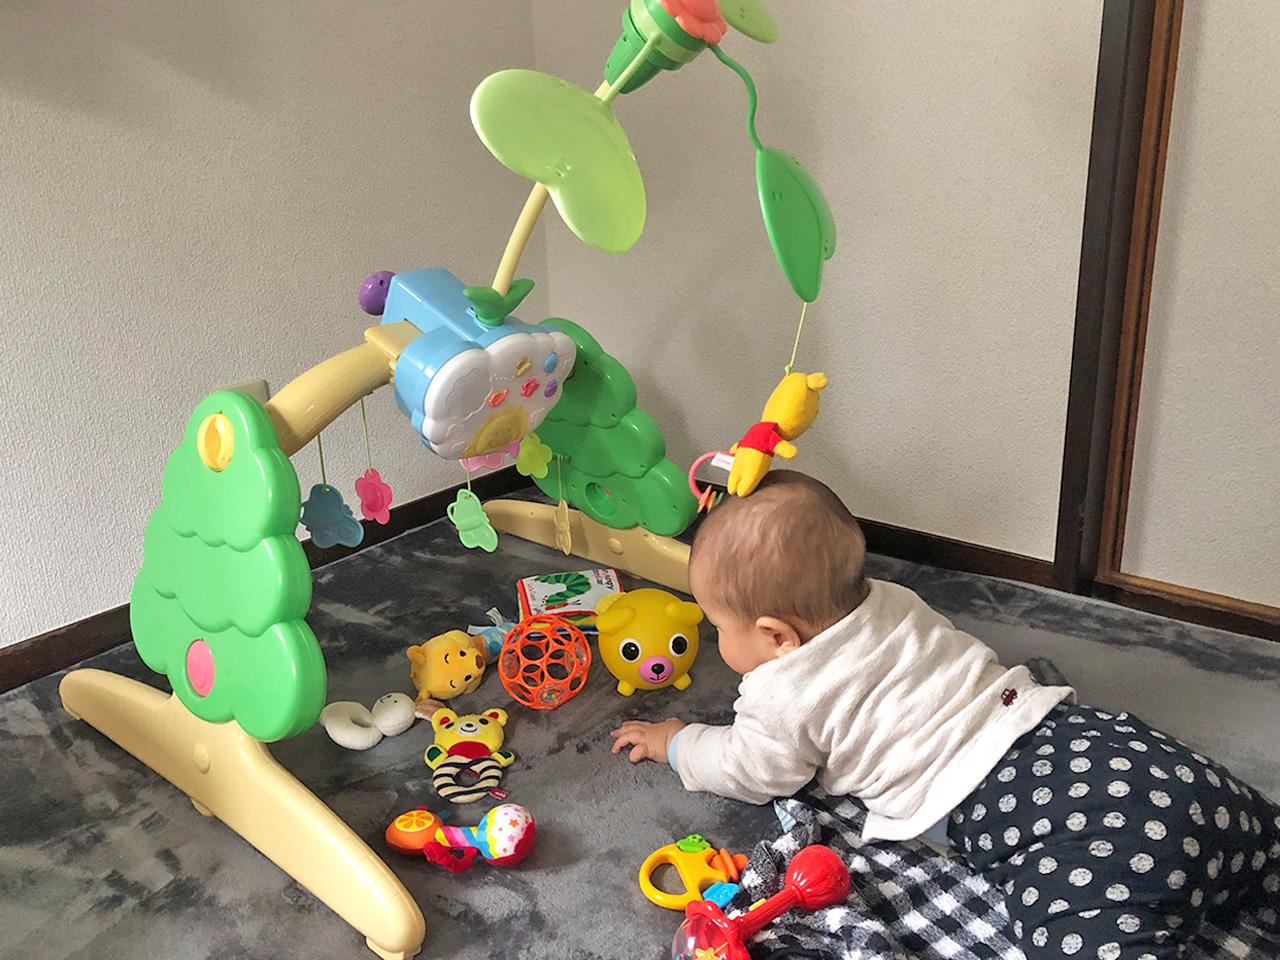 7ヶ月の子供がおもちゃで遊んでいる光景